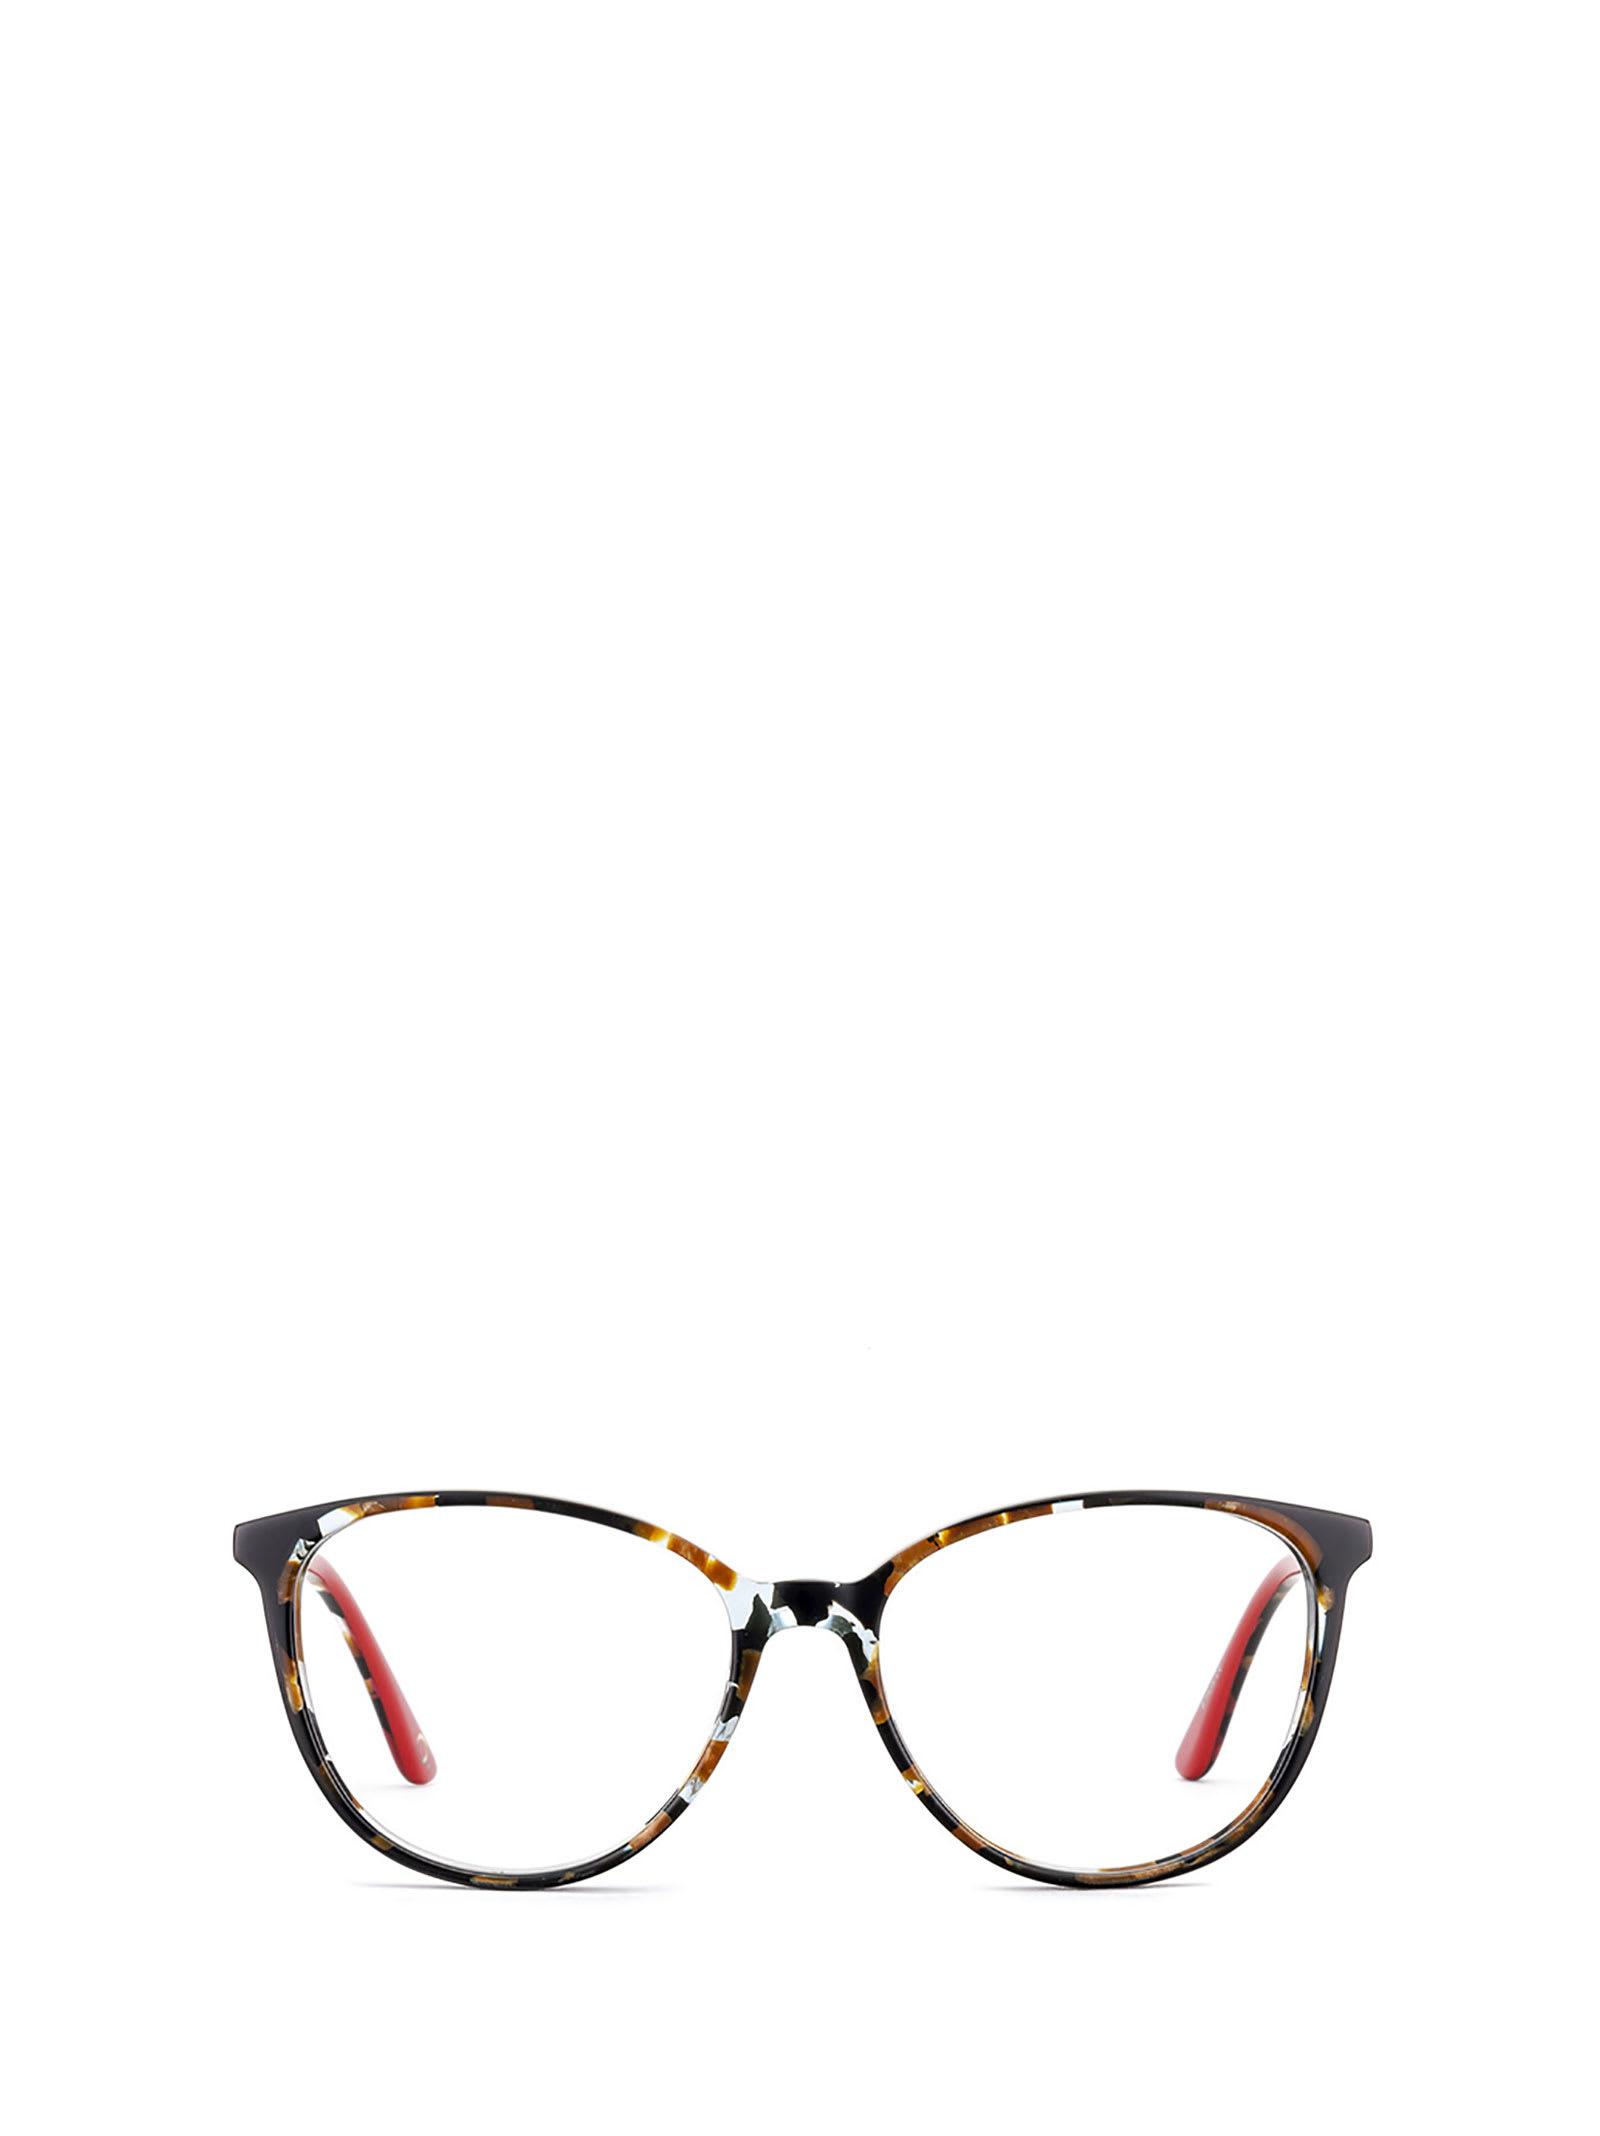 Etnia Barcelona Etnia Barcelona Marie Bkbz Glasses